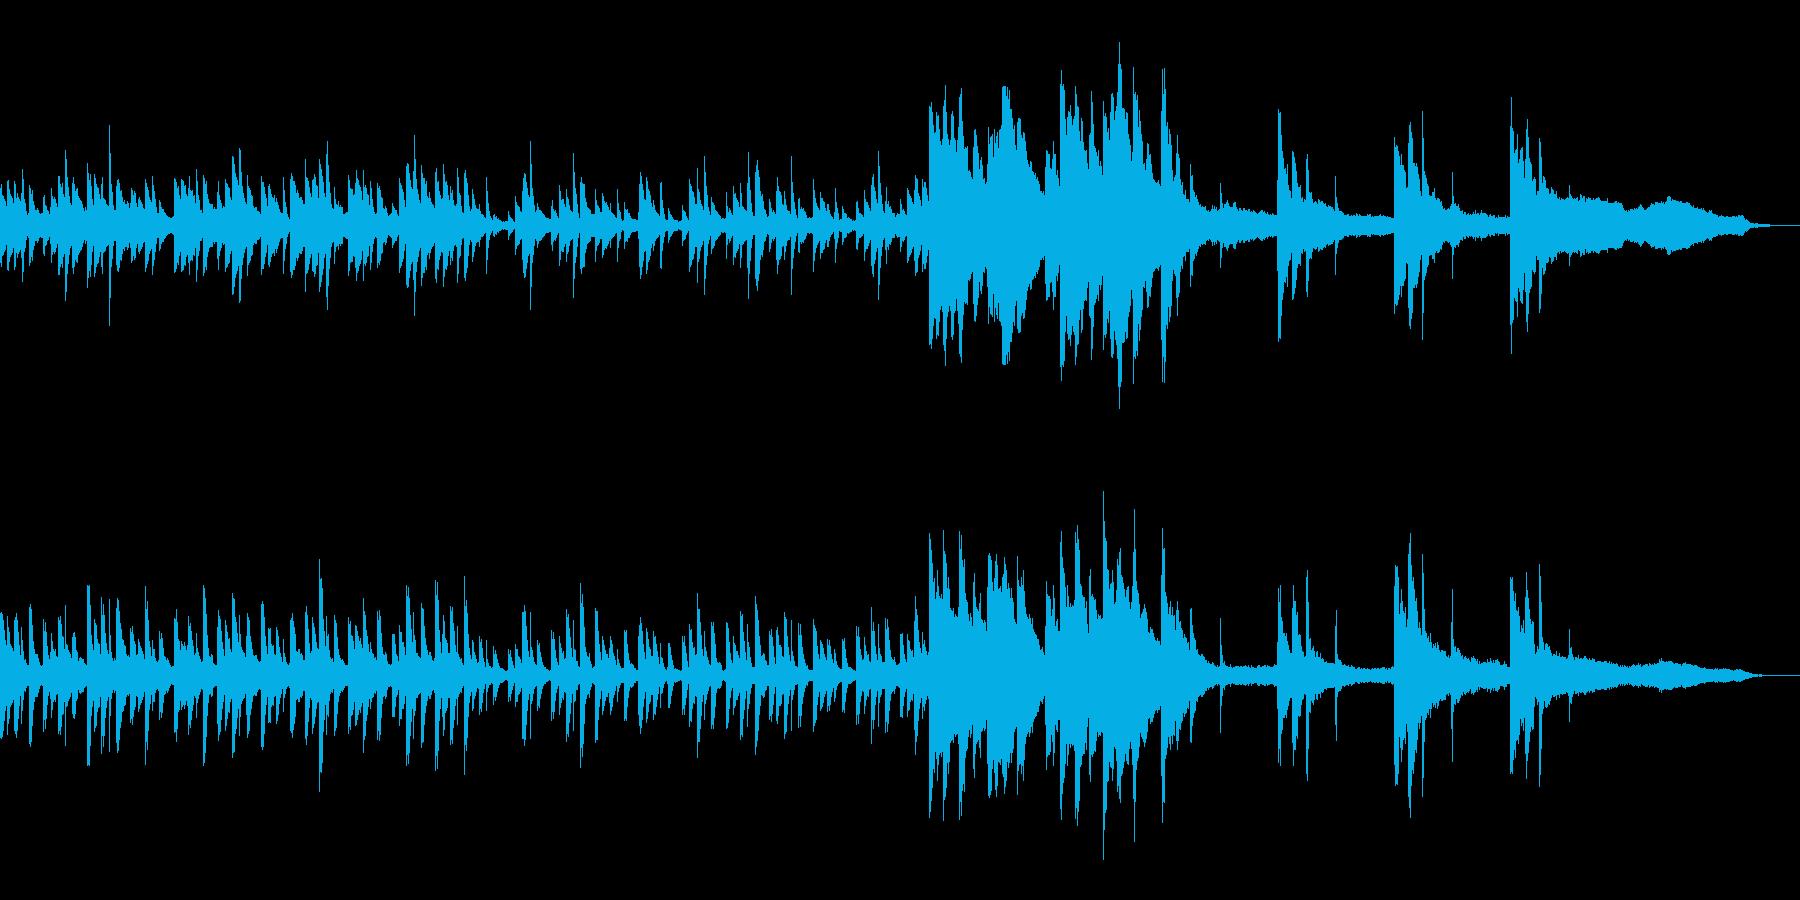 水のピアノ 涼しげ生演奏リラックス効果音の再生済みの波形